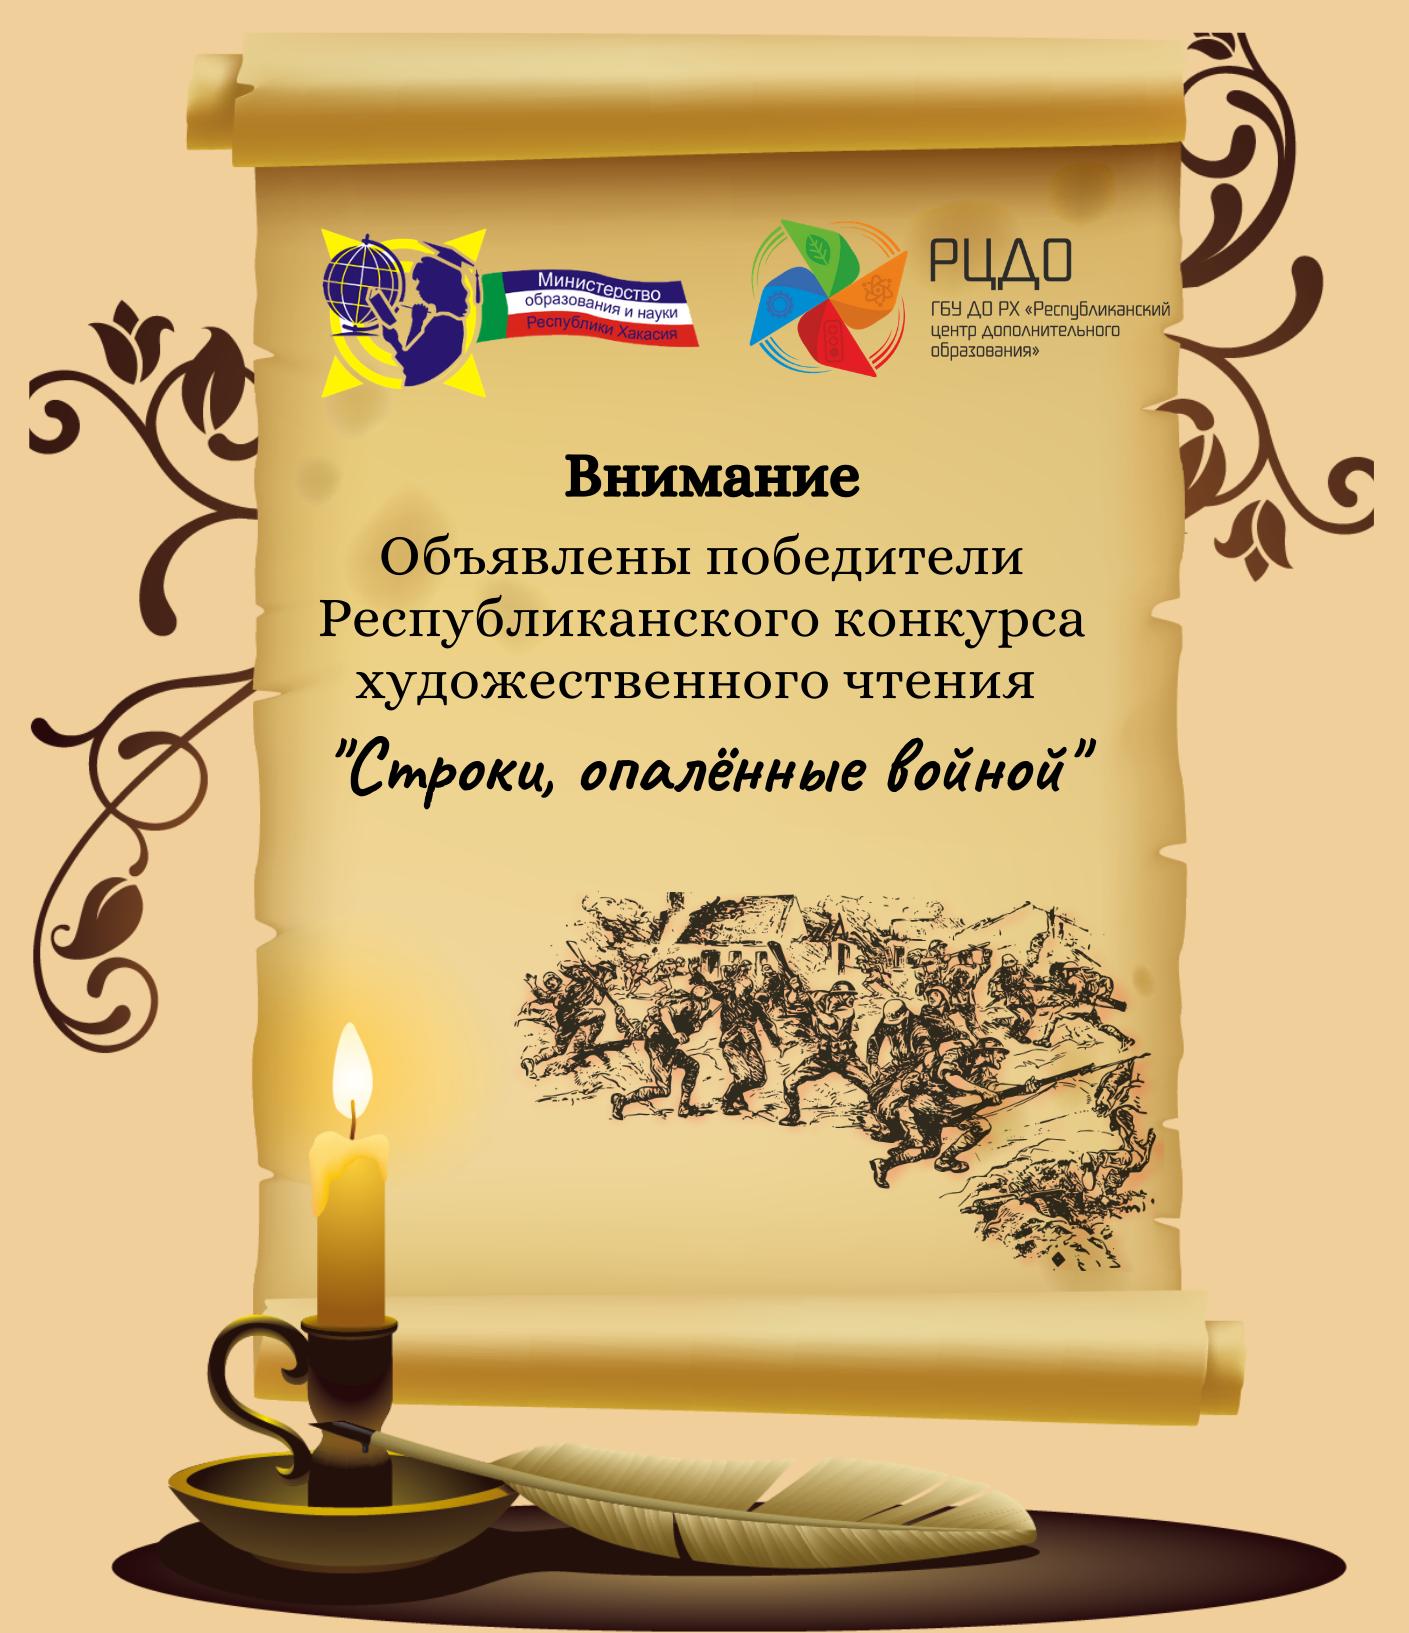 Объявлены победители Республиканского конкурса художественного чтения «Строки, опалённые войной», в котором приняло участие более 350 чтецов Республики Хакасия!